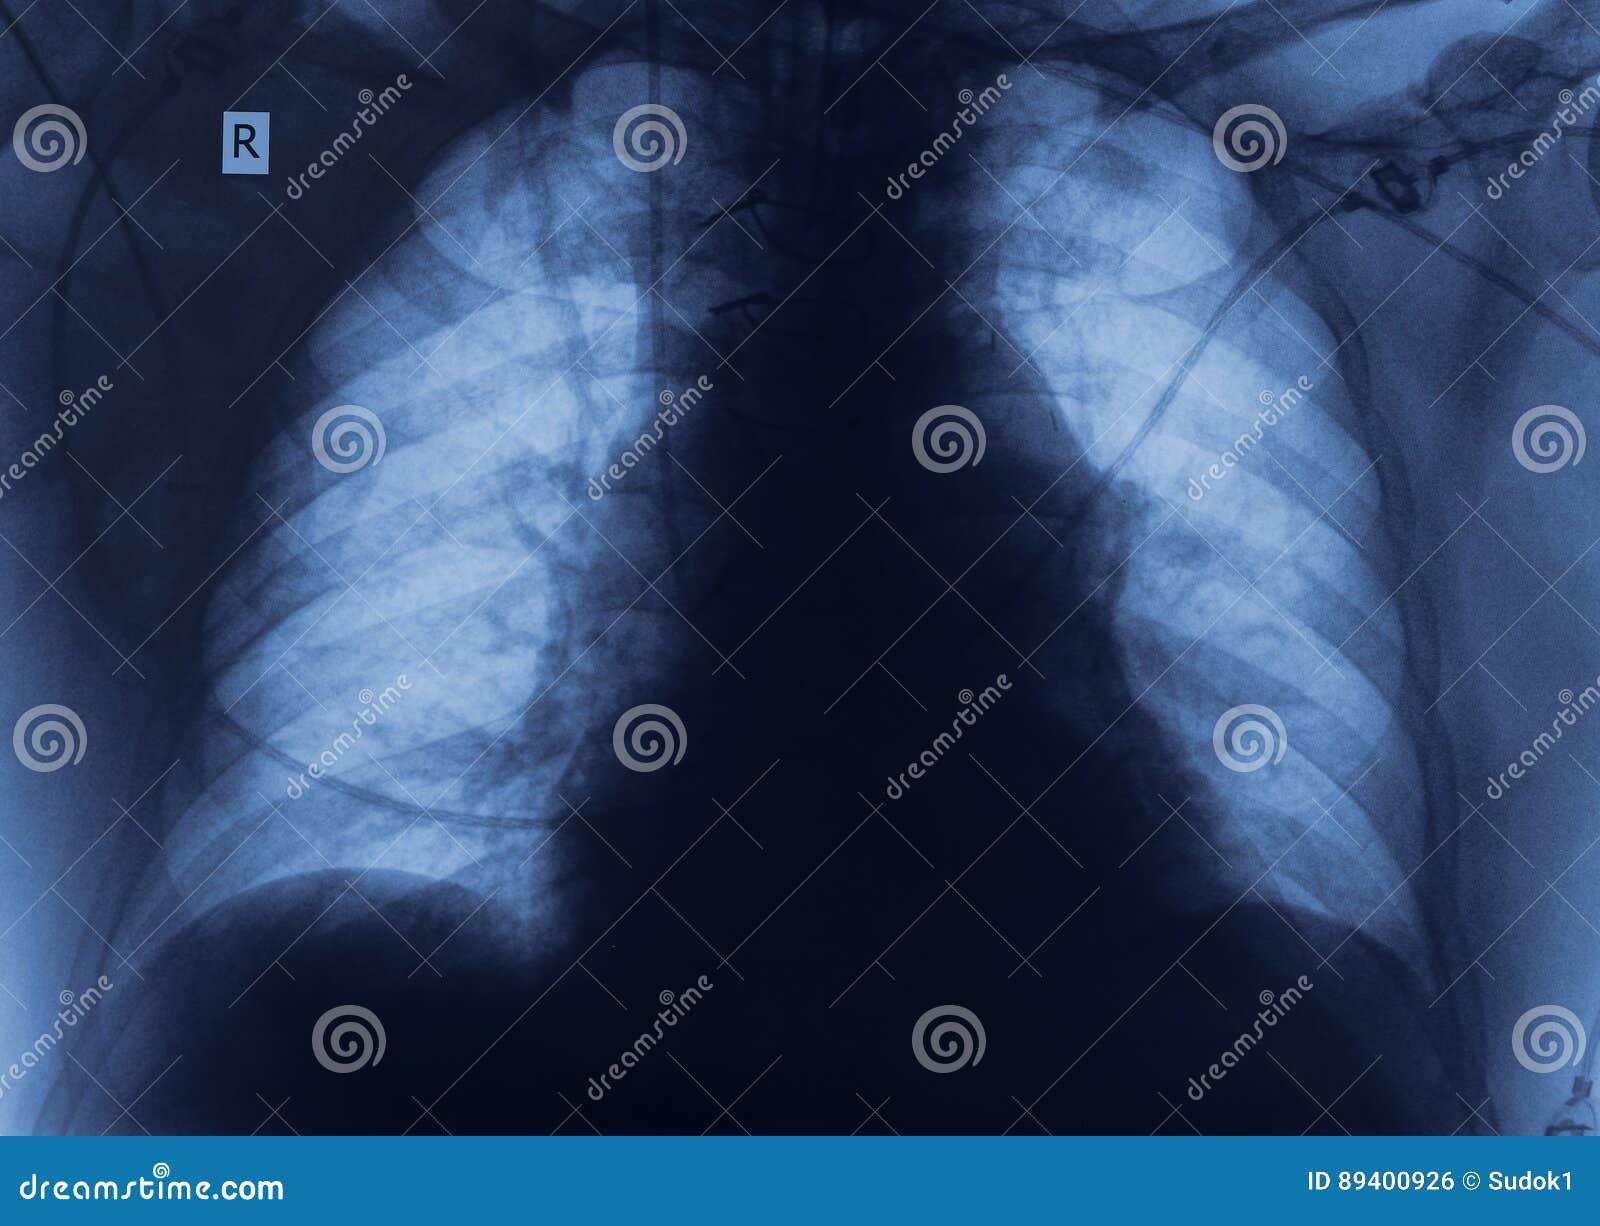 Imagem do raio X com espaço para suas ideias